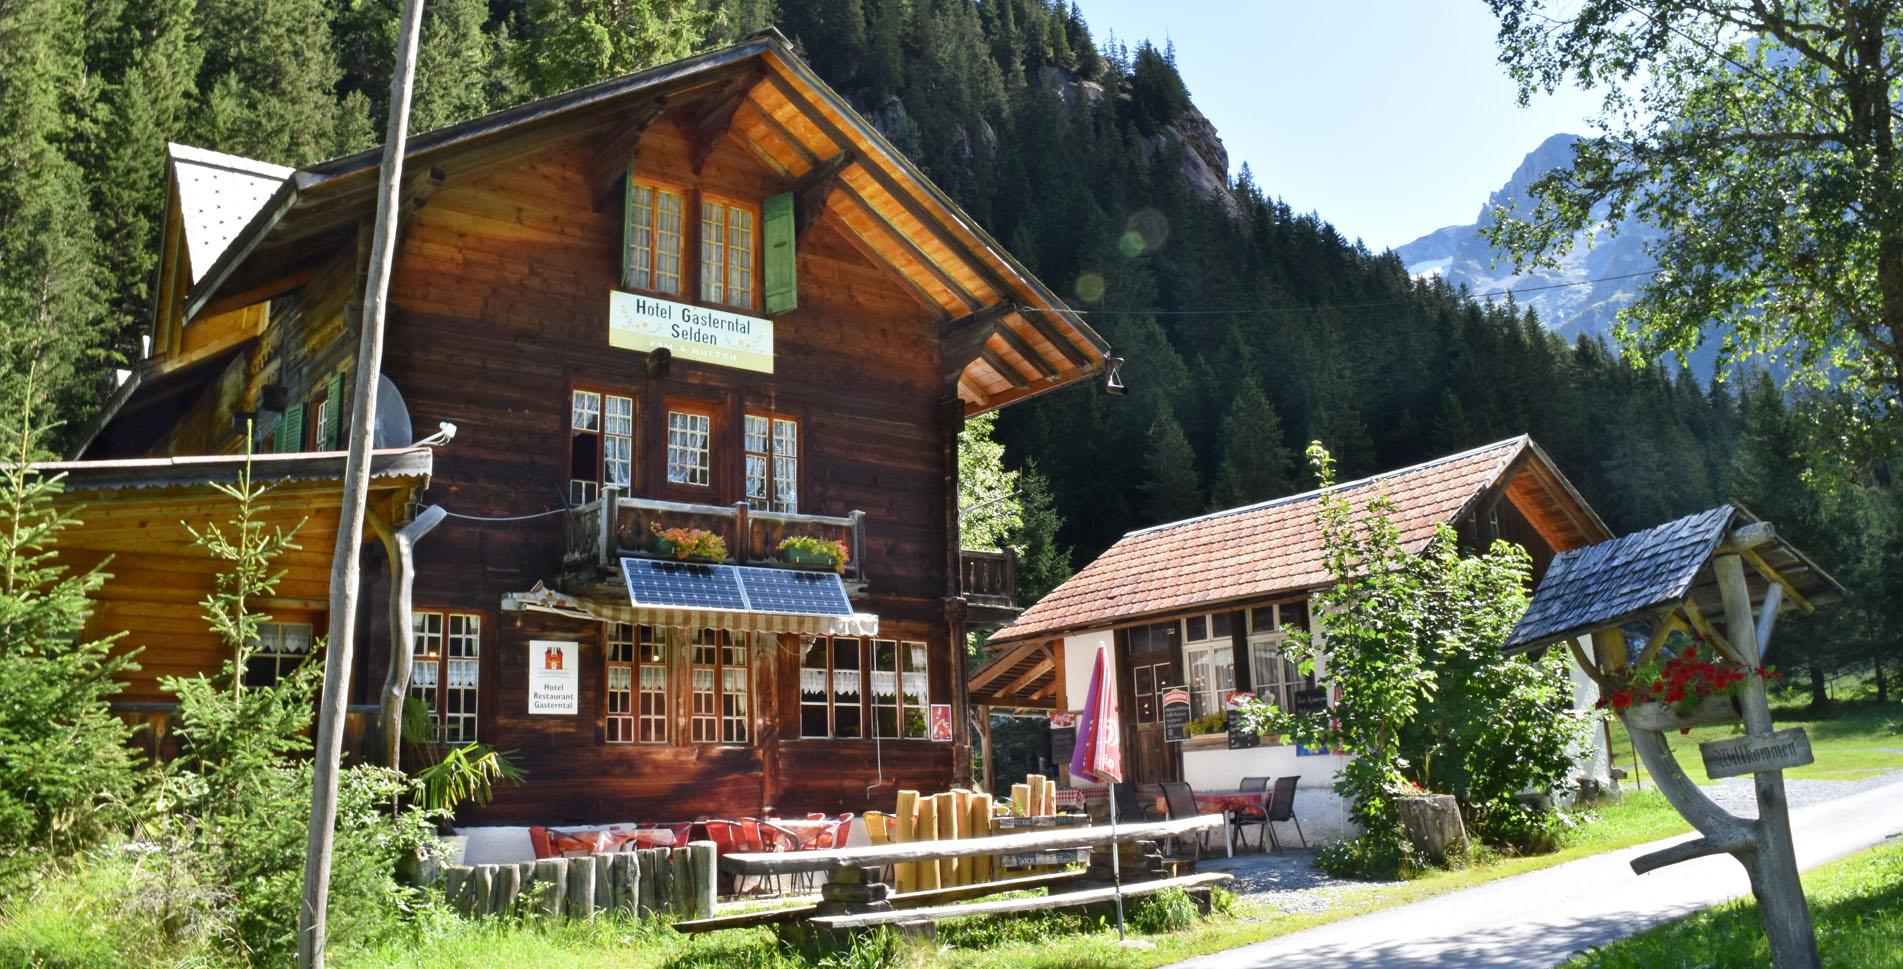 Wanderung durch das Gasterntal vom Gasthof Gasterntal Selden an der Kander entlang via Hotel Steinbock, Gastereholz, Berghotel Waldhaus nach Kandersteg Sunnbüel